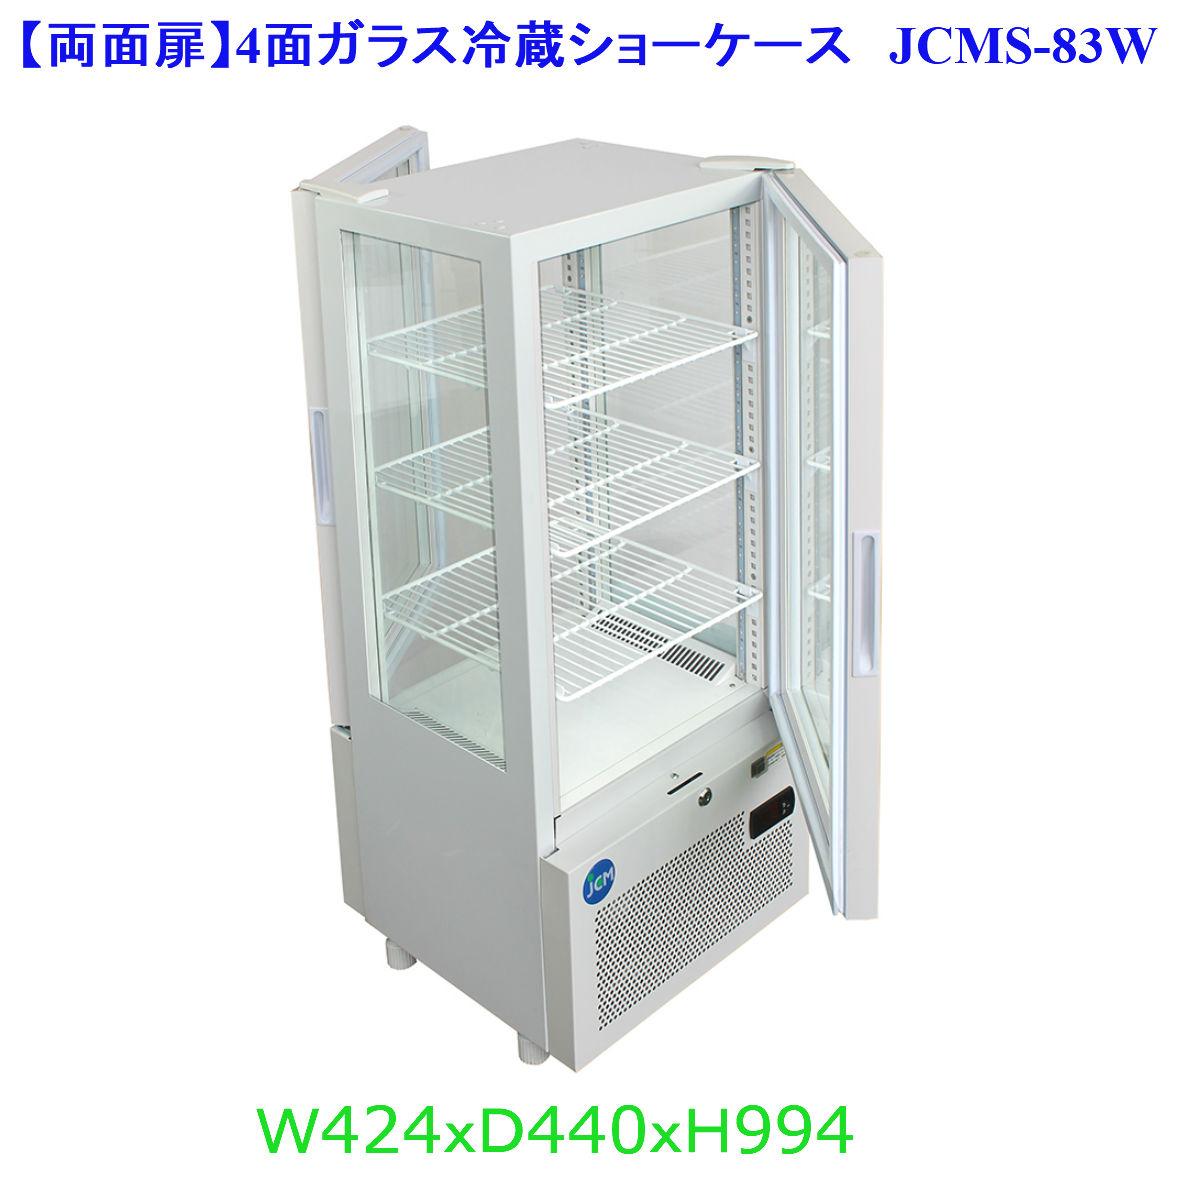 【送料無料】【新商品・未使用】(両面扉)業務用 4面ガラス 冷蔵ショーケース 83L 冷蔵庫 大容量タイプ